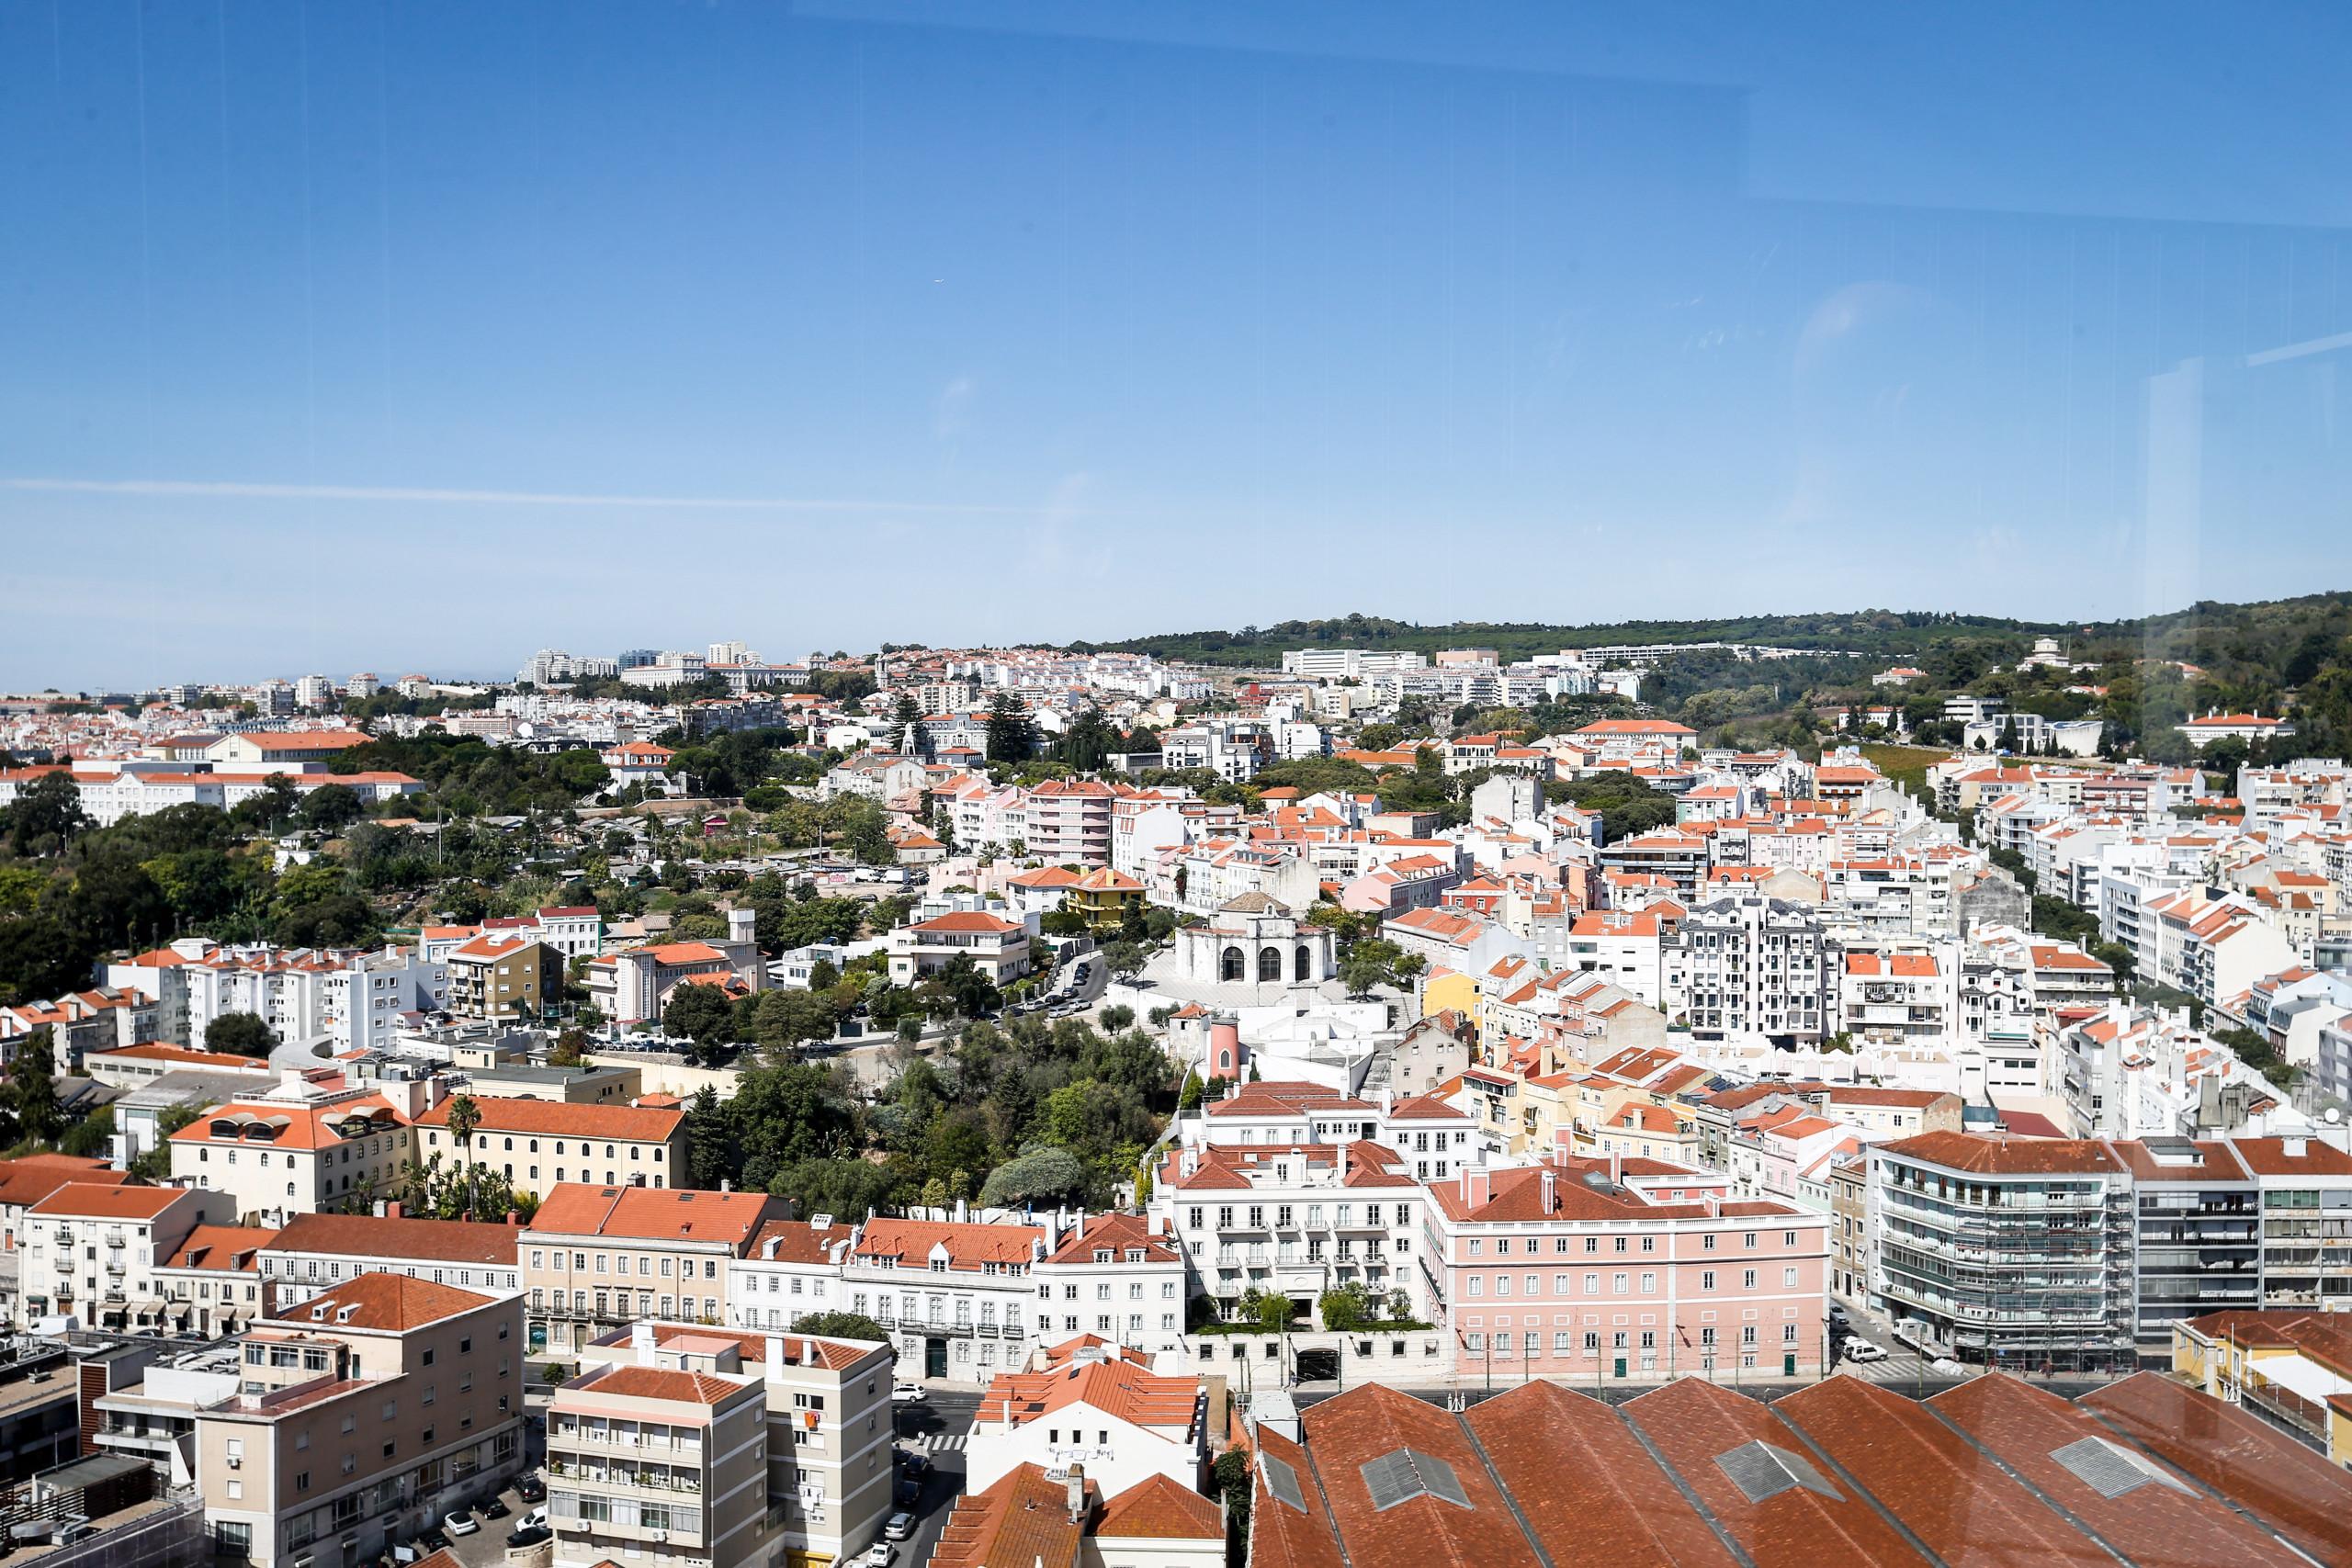 Autor inglês expõe Lisboa como 'Rainha do Mar'. Encanto deve-se à mistura